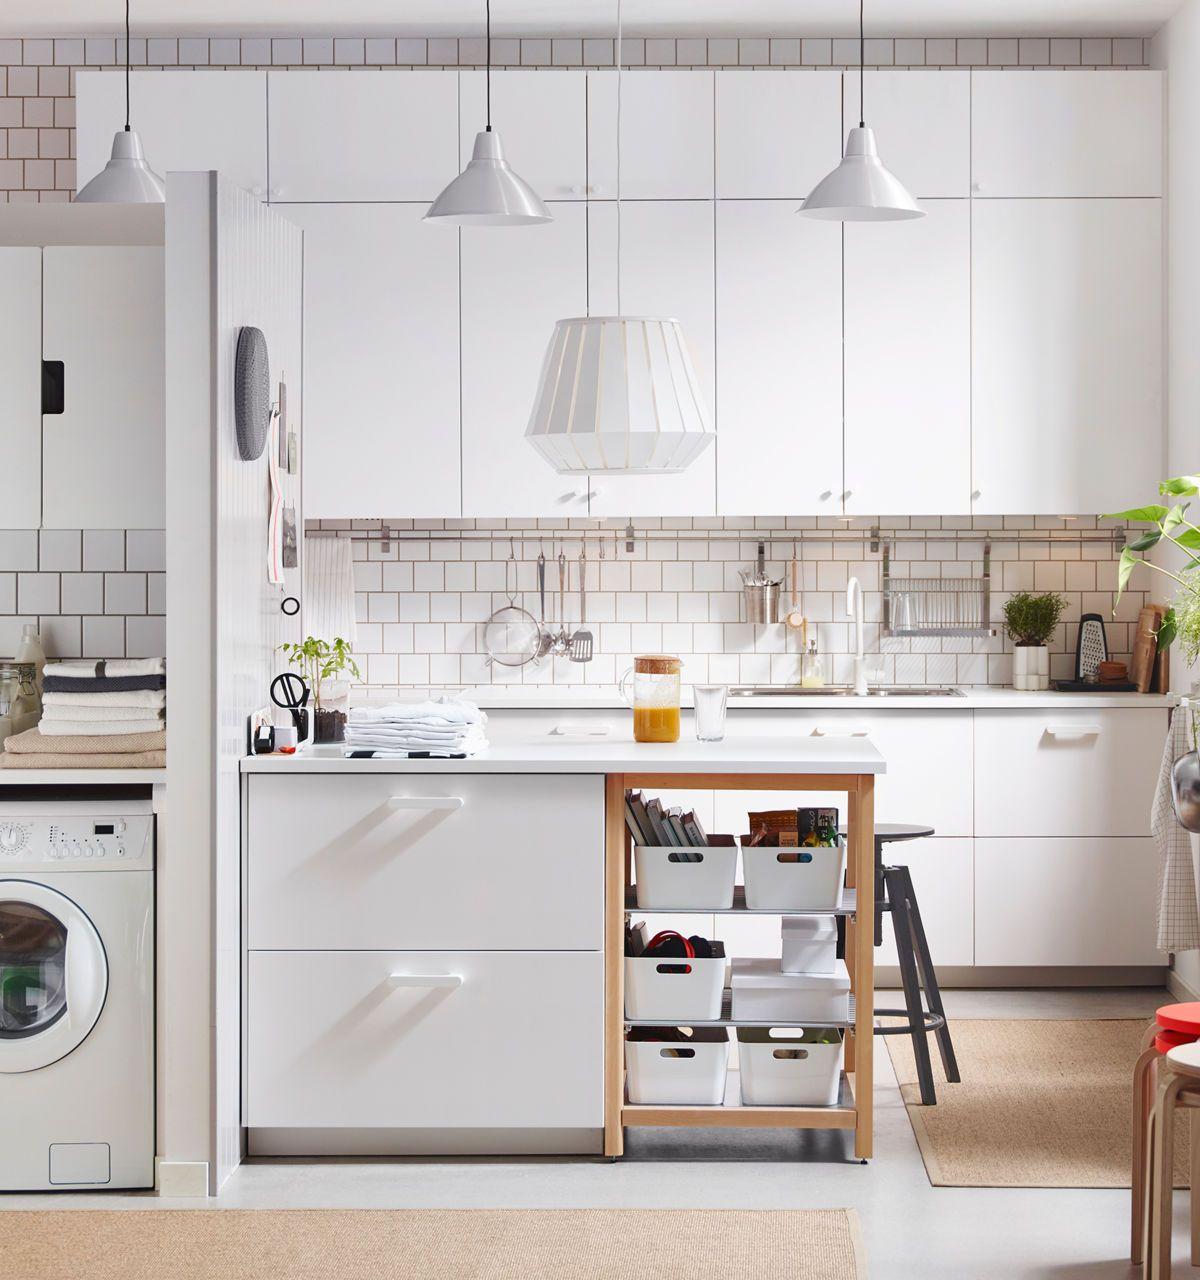 IKEA Katalog 2016 | Kitchen | Pinterest